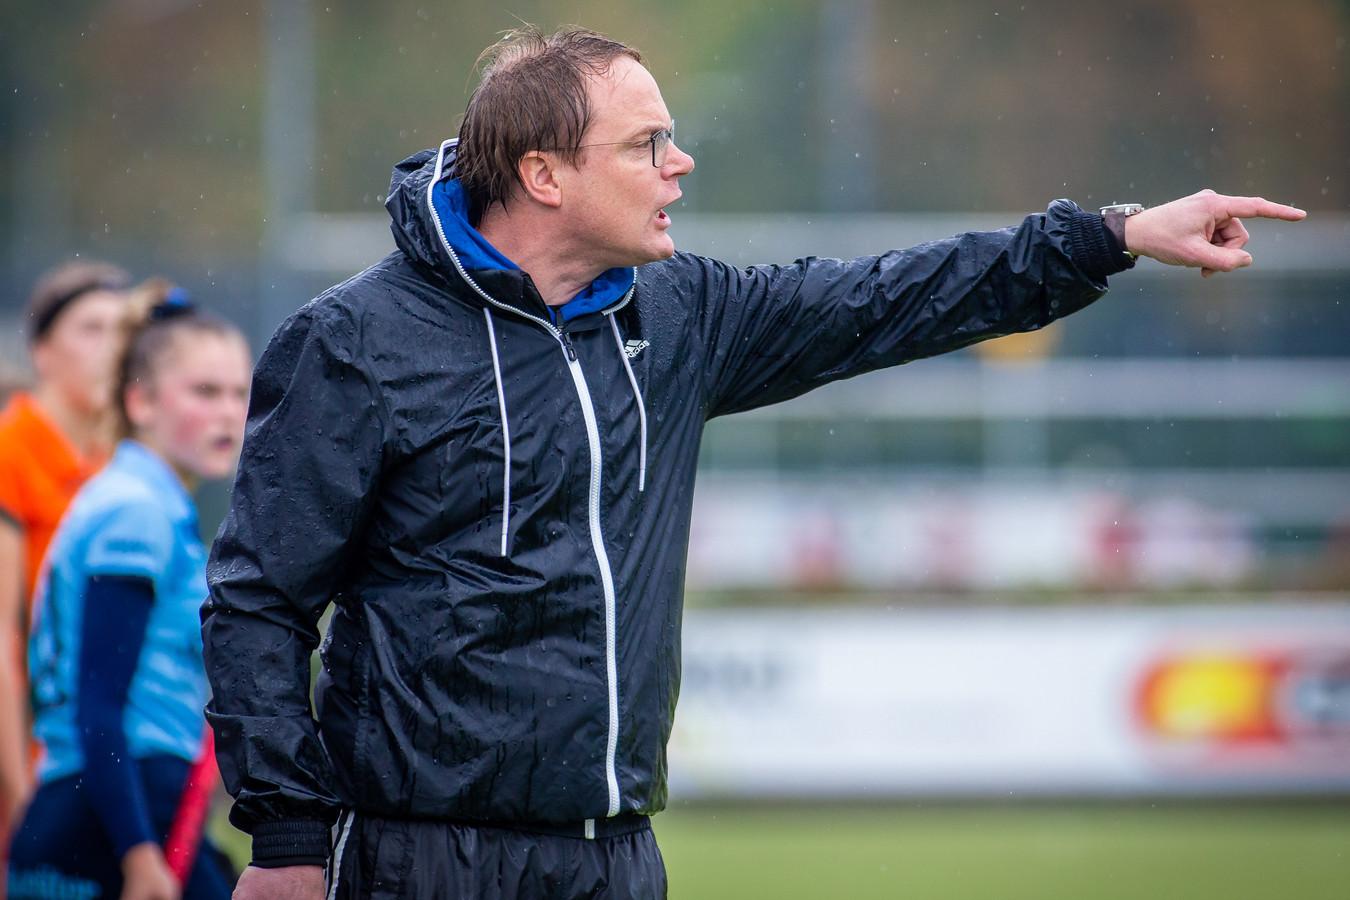 Ook voor coach Boaz Janssen van de vrouwenploeg van NMHC zit het seizoen erop.